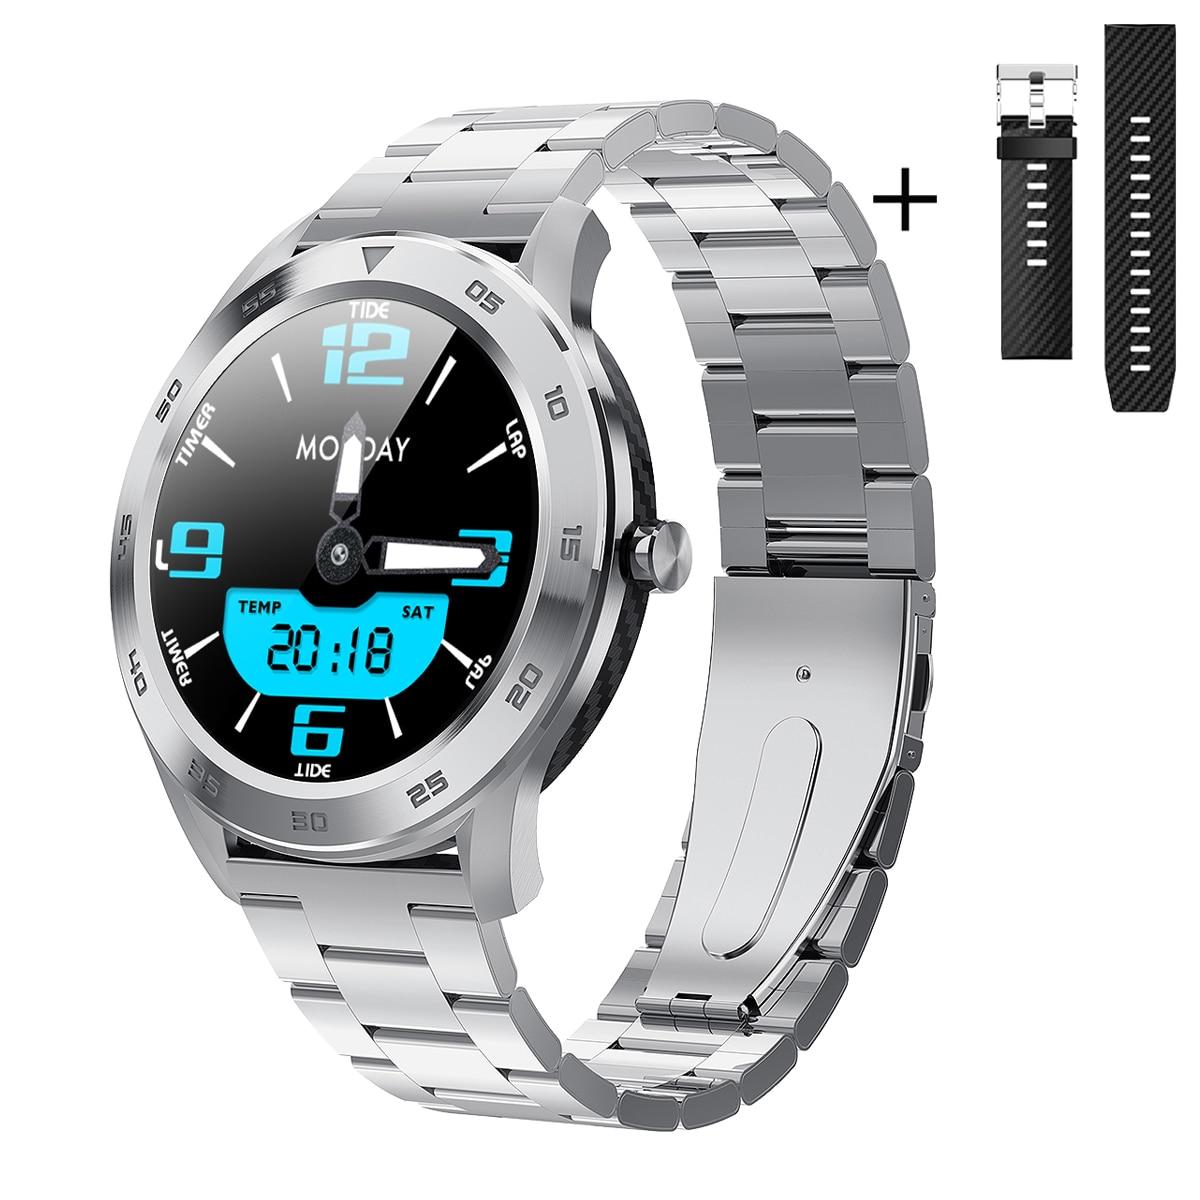 Monitor de Freqüência Ip68 à Prova Pulseira Livre Negócios Relógio Inteligente Masculino Ecg Ppg Cardíaca Pressão Arterial Smartver Dip68 Água Múltipla Esporte